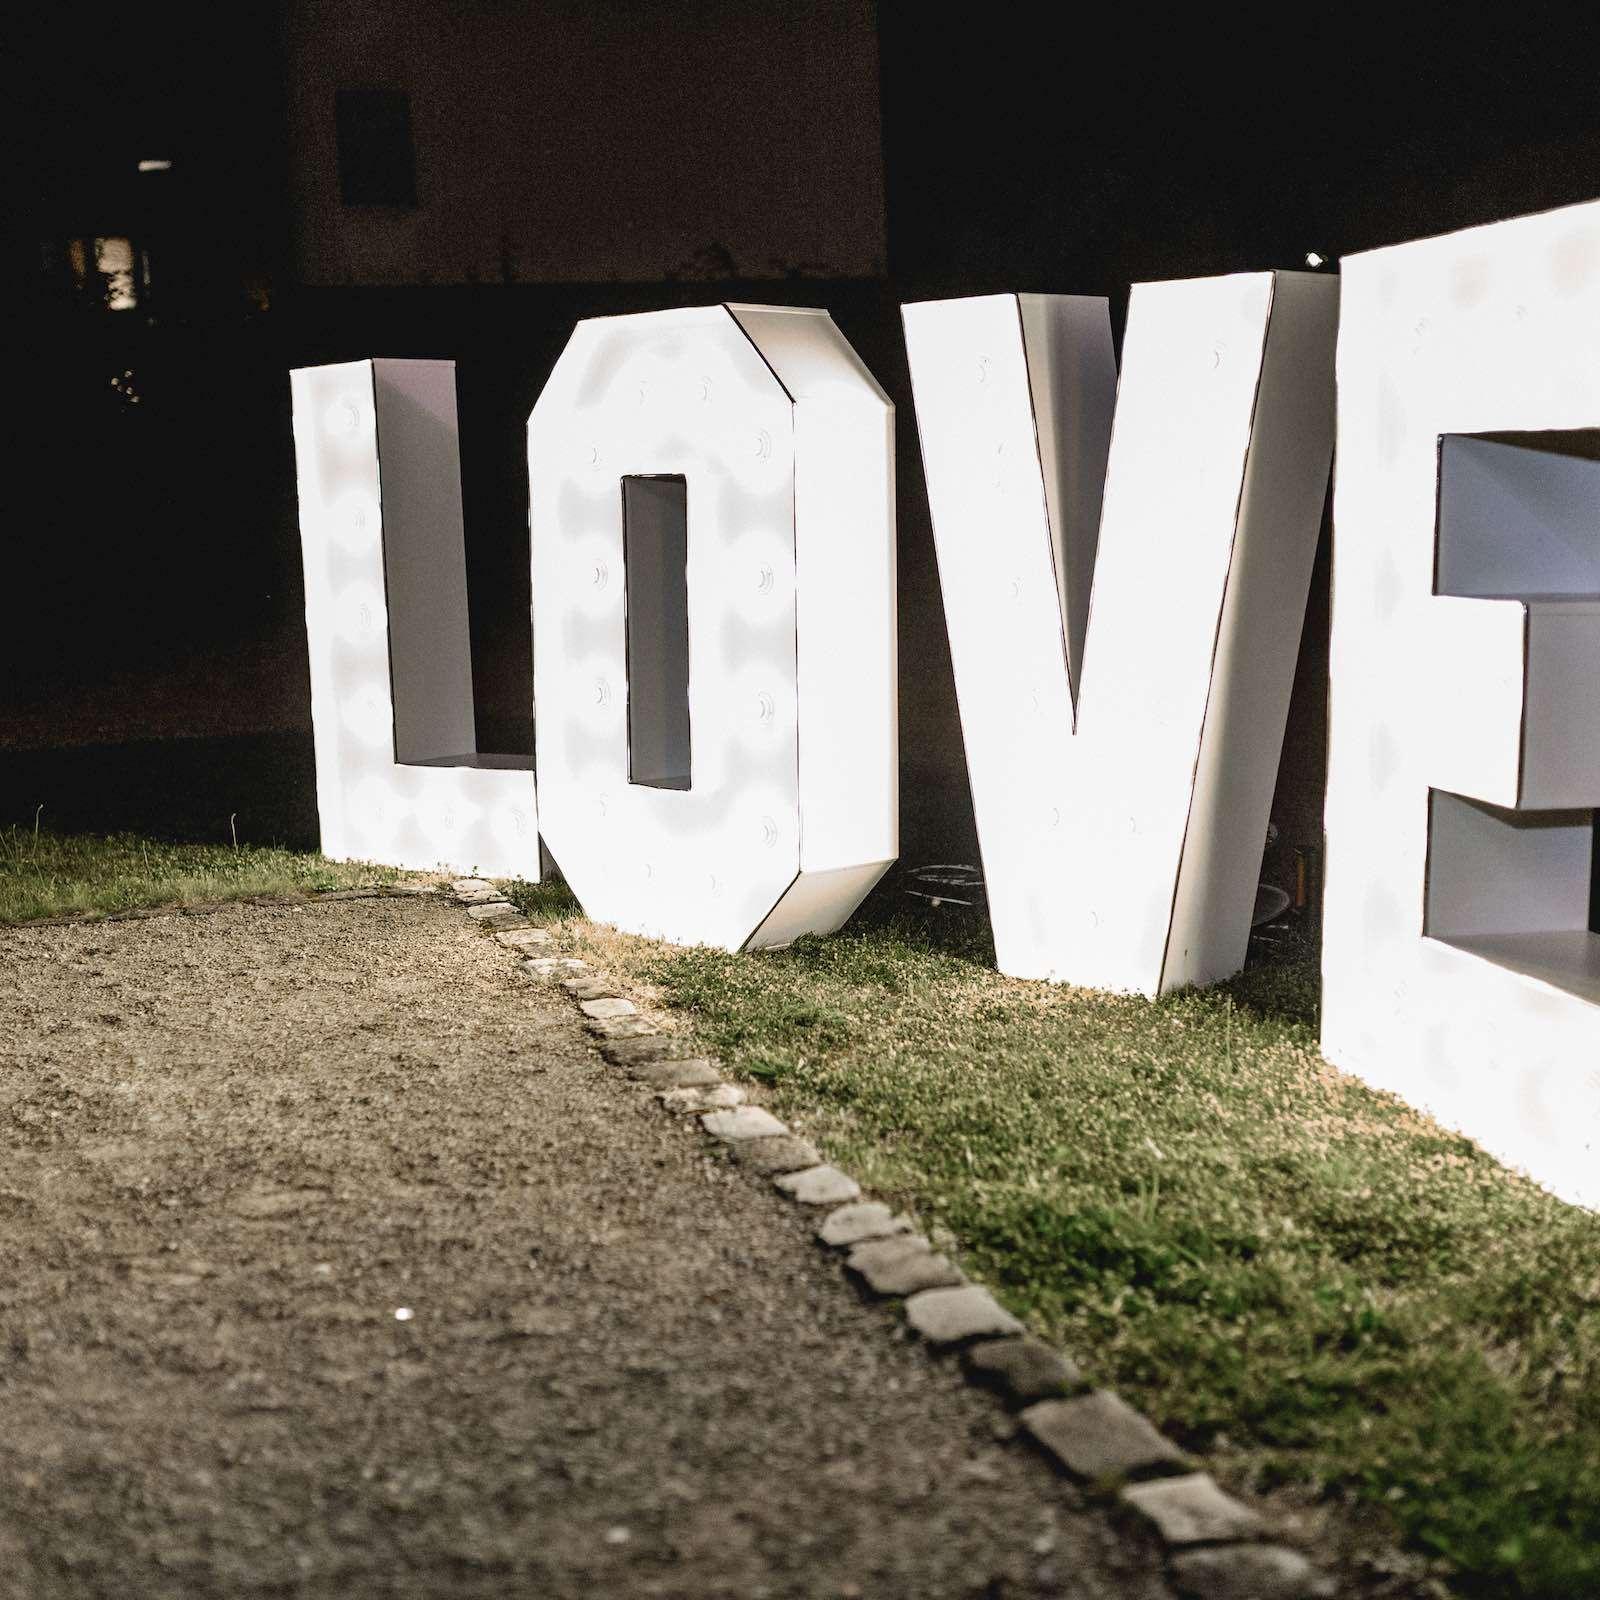 LED | Buchstaben | Hochzeit | Leuchtbuchstaben | Wedding | Beleuchtete | XXL | Holz | Love | Hannover | Quertz | Buchen | Mieten | Anfragen | Lehmann | Eventservice